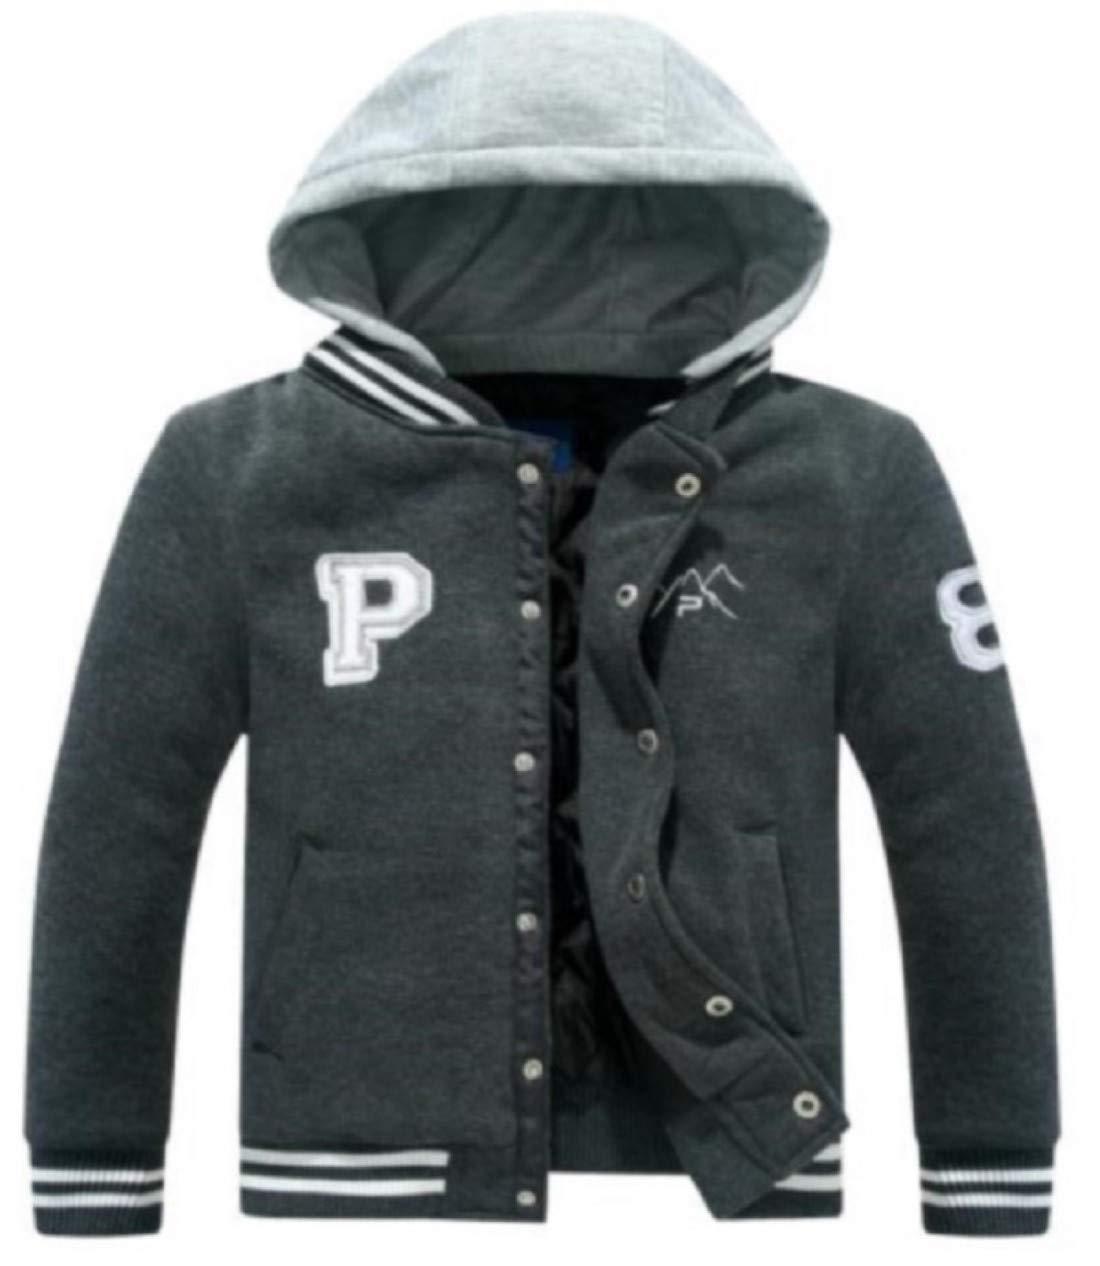 The Polar Club Big Boys' Fleece Varsity Baseball Jacket Removable Hood (Charcoal- L/14-16)